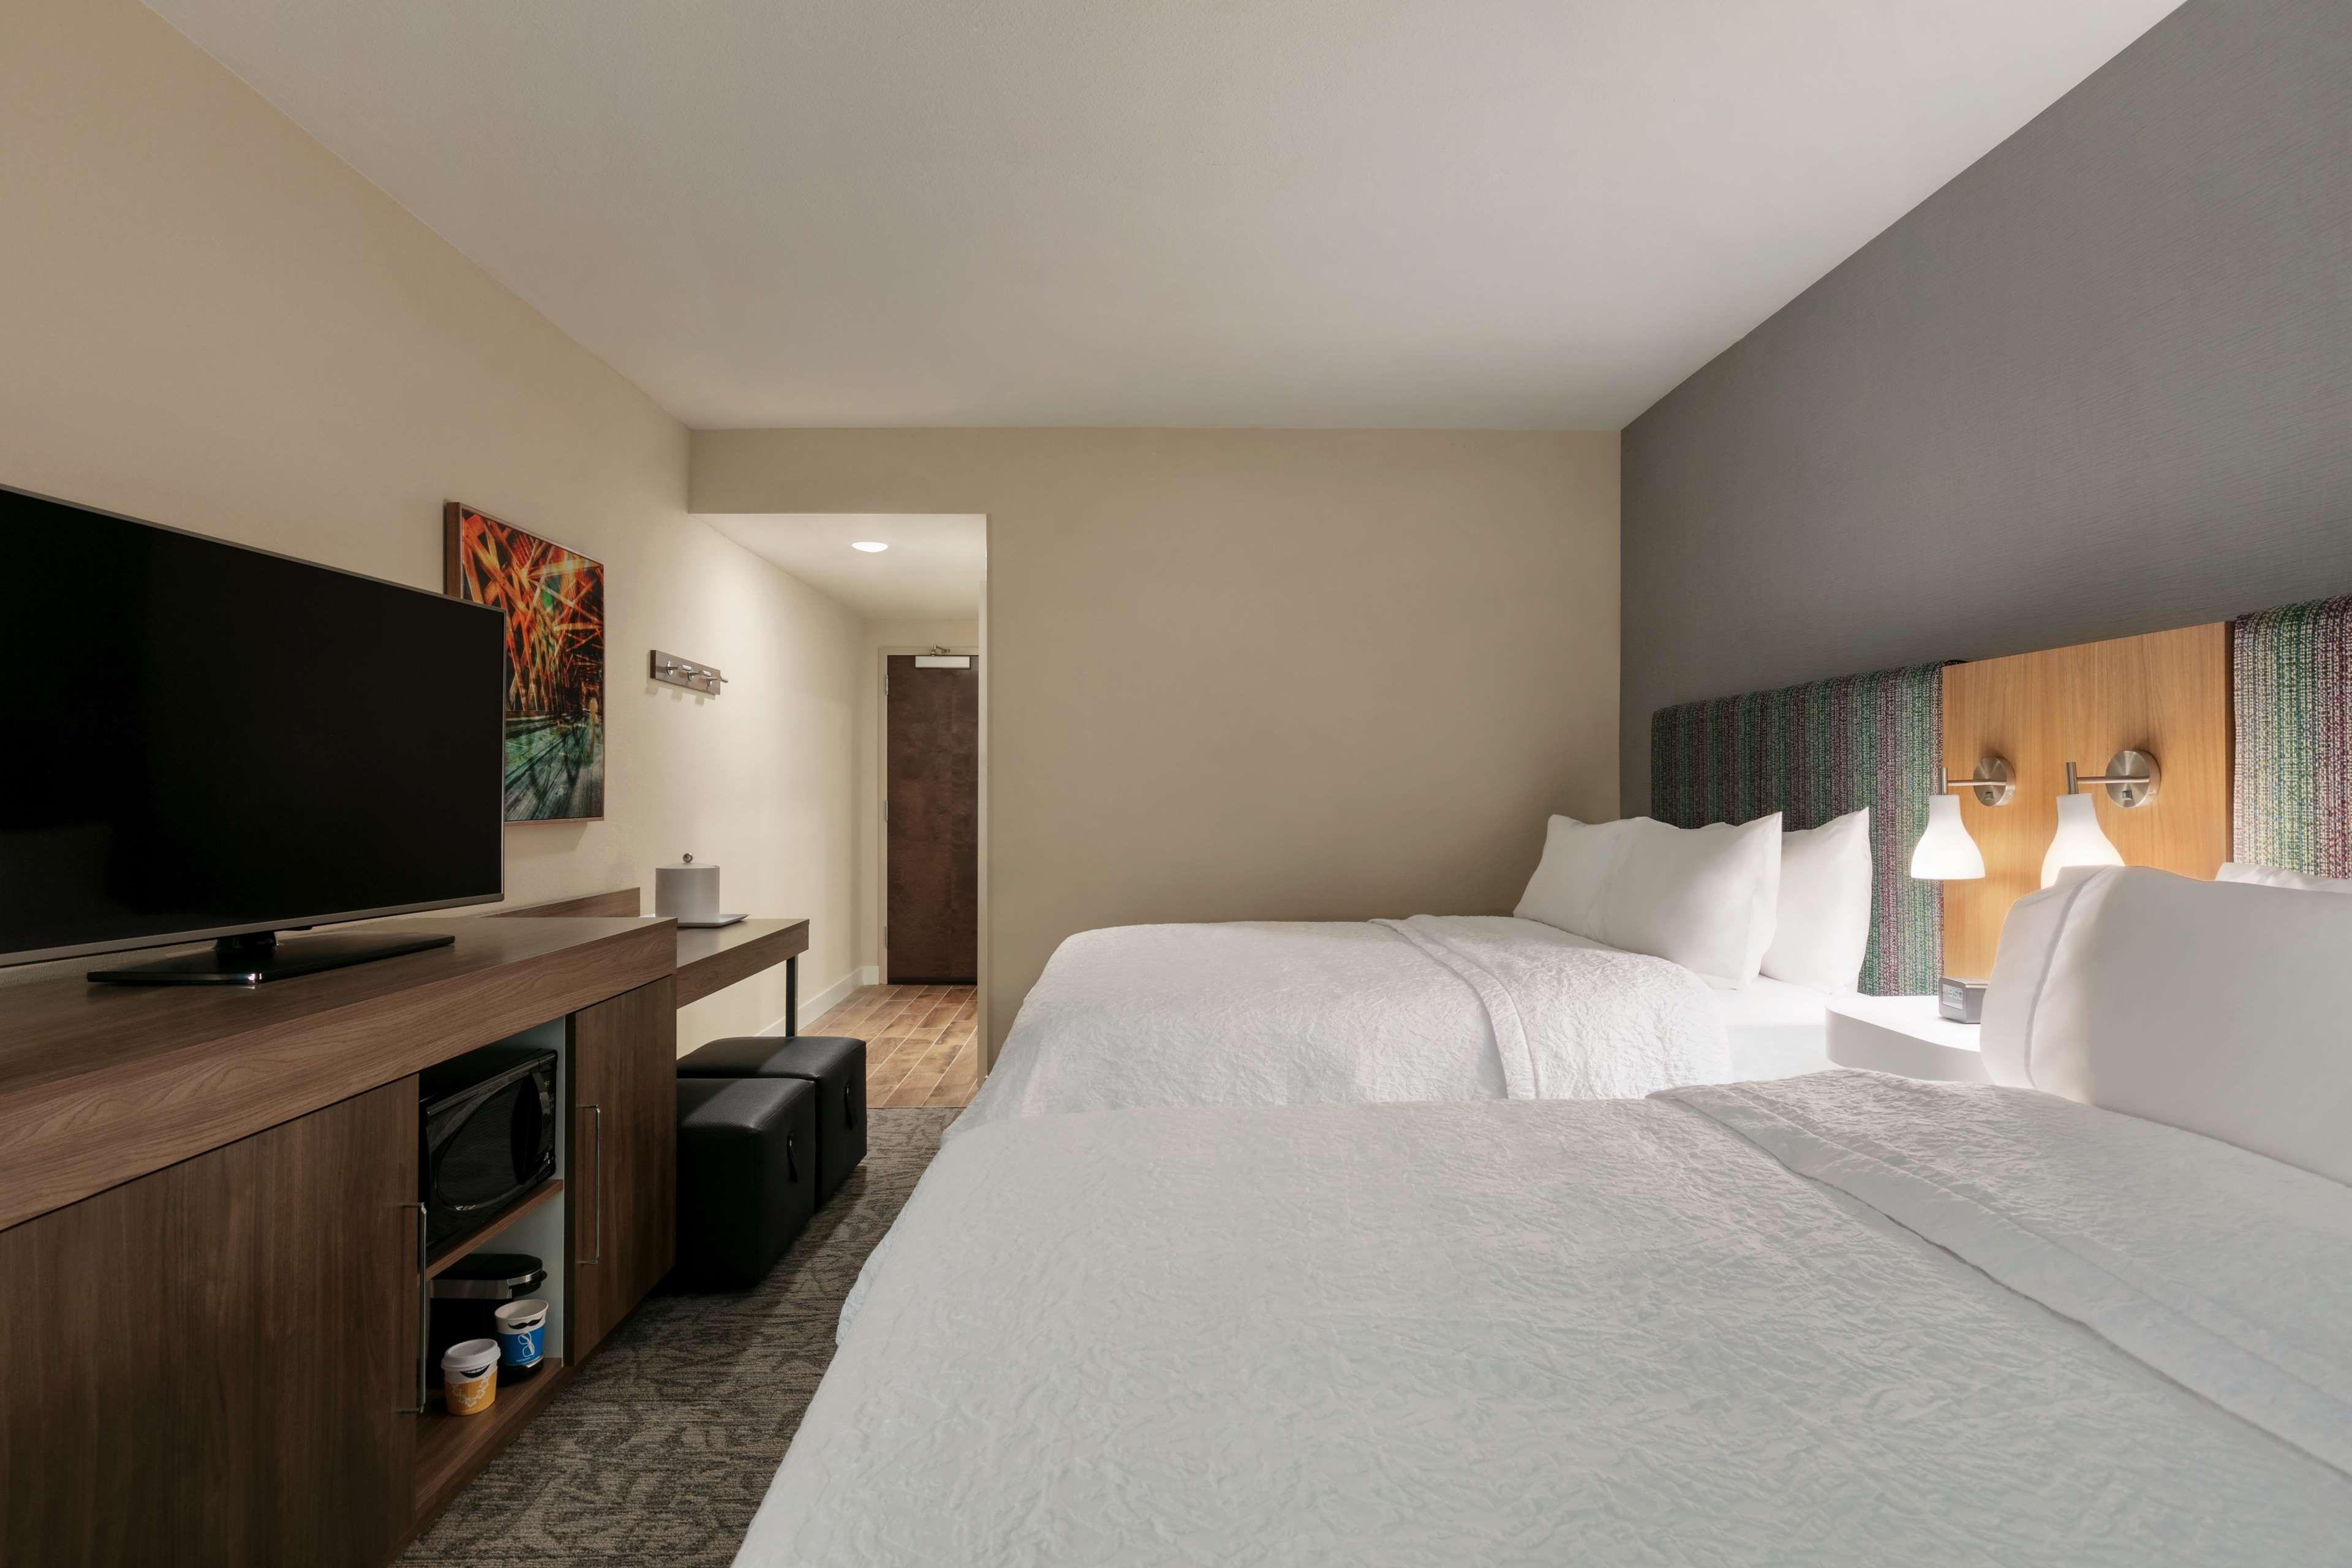 Hampton Inn and Suites Johns Creek image 34